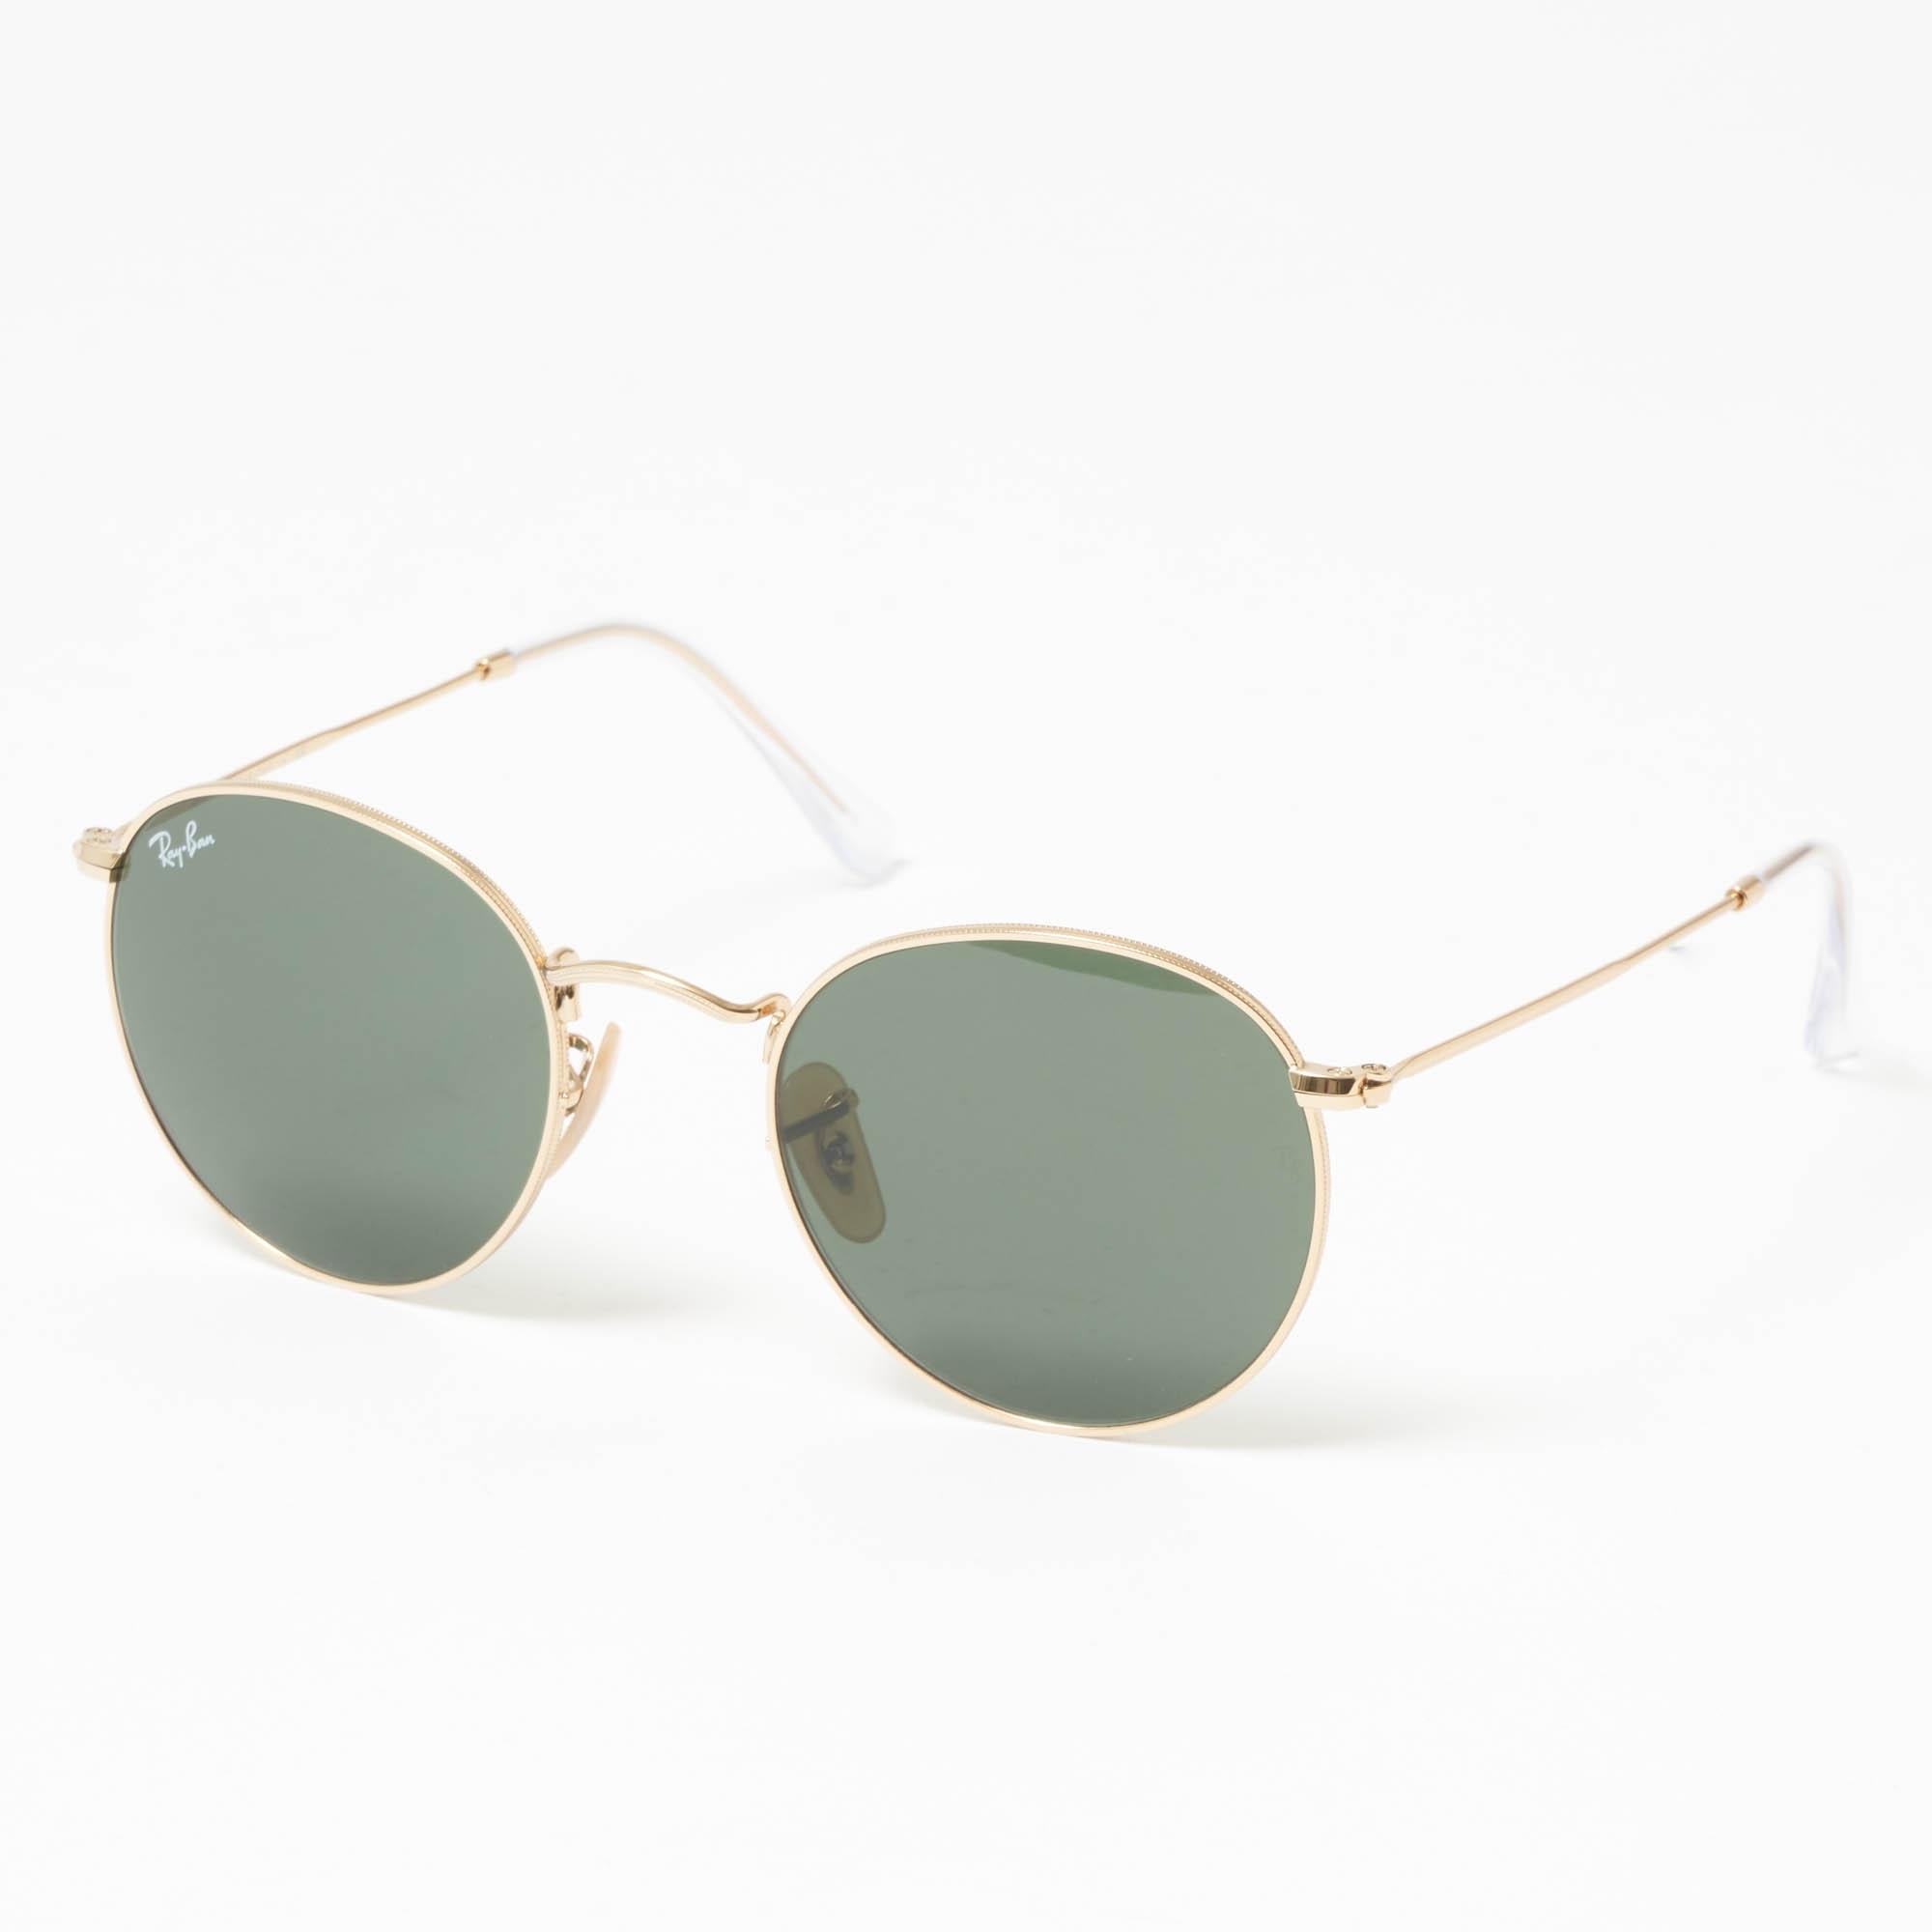 c881848c764 Gold Round Metal Sunglasses - Green Classic G-15 Lenses